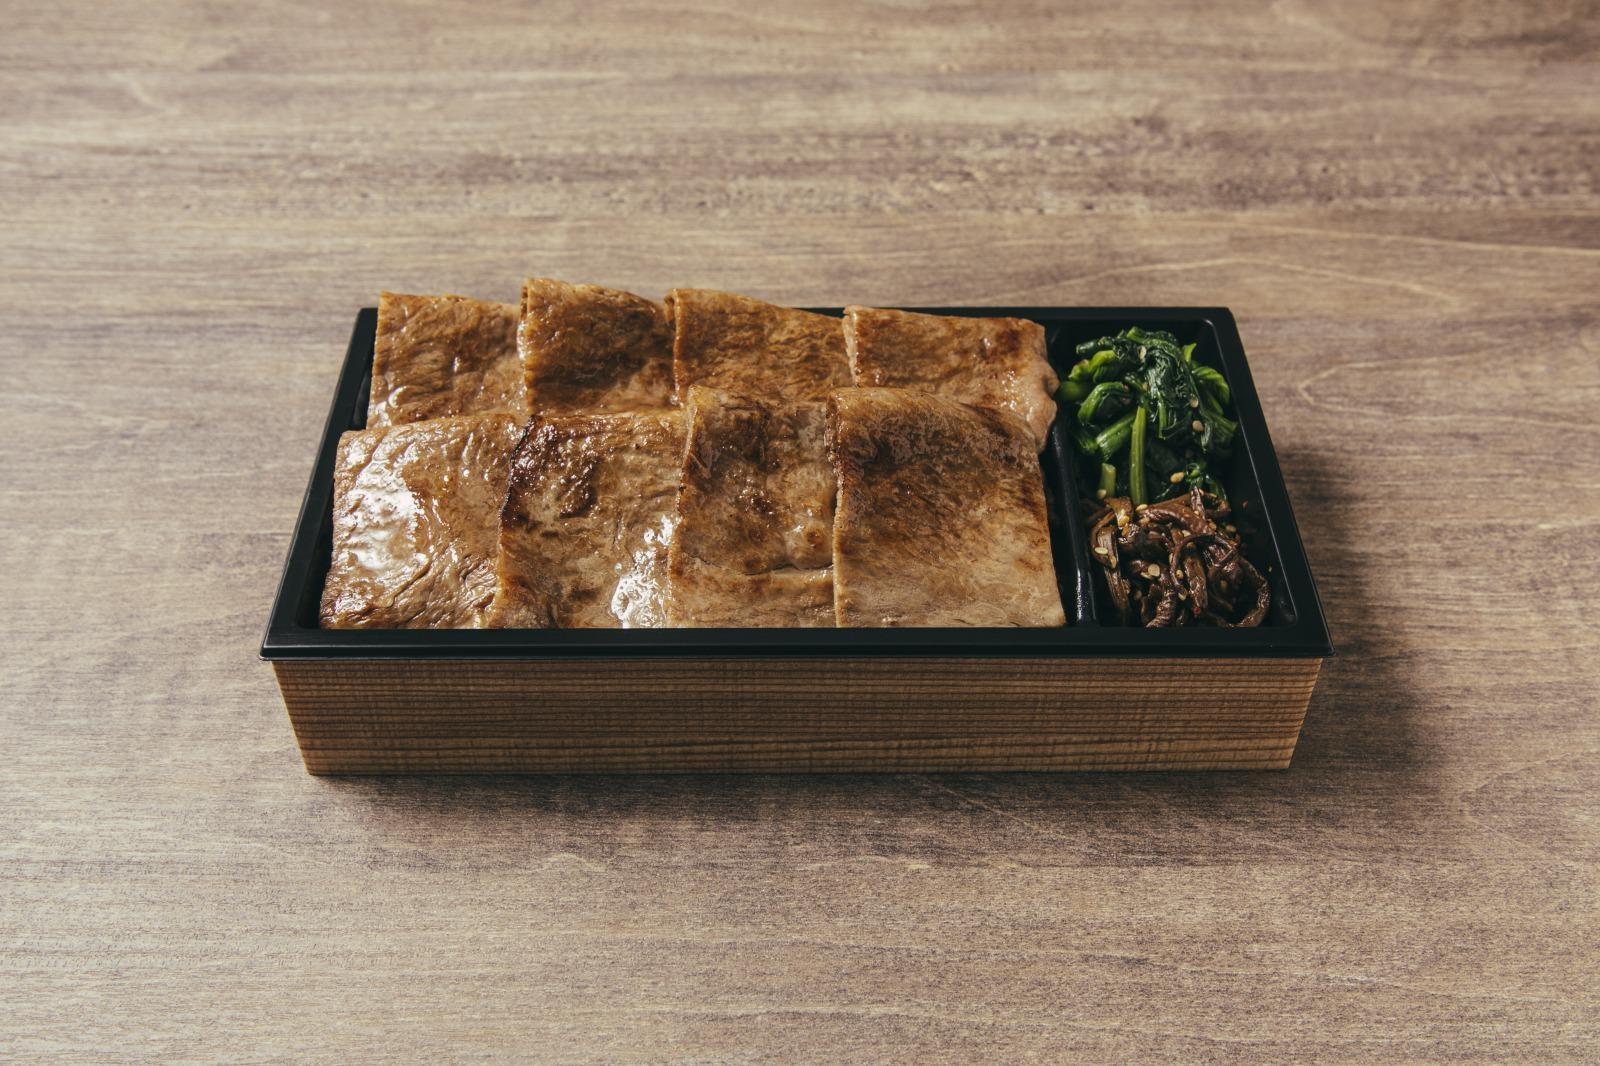 【写真】ランキング上位の弁当は…「バンビーナ特製サーロイン弁当」